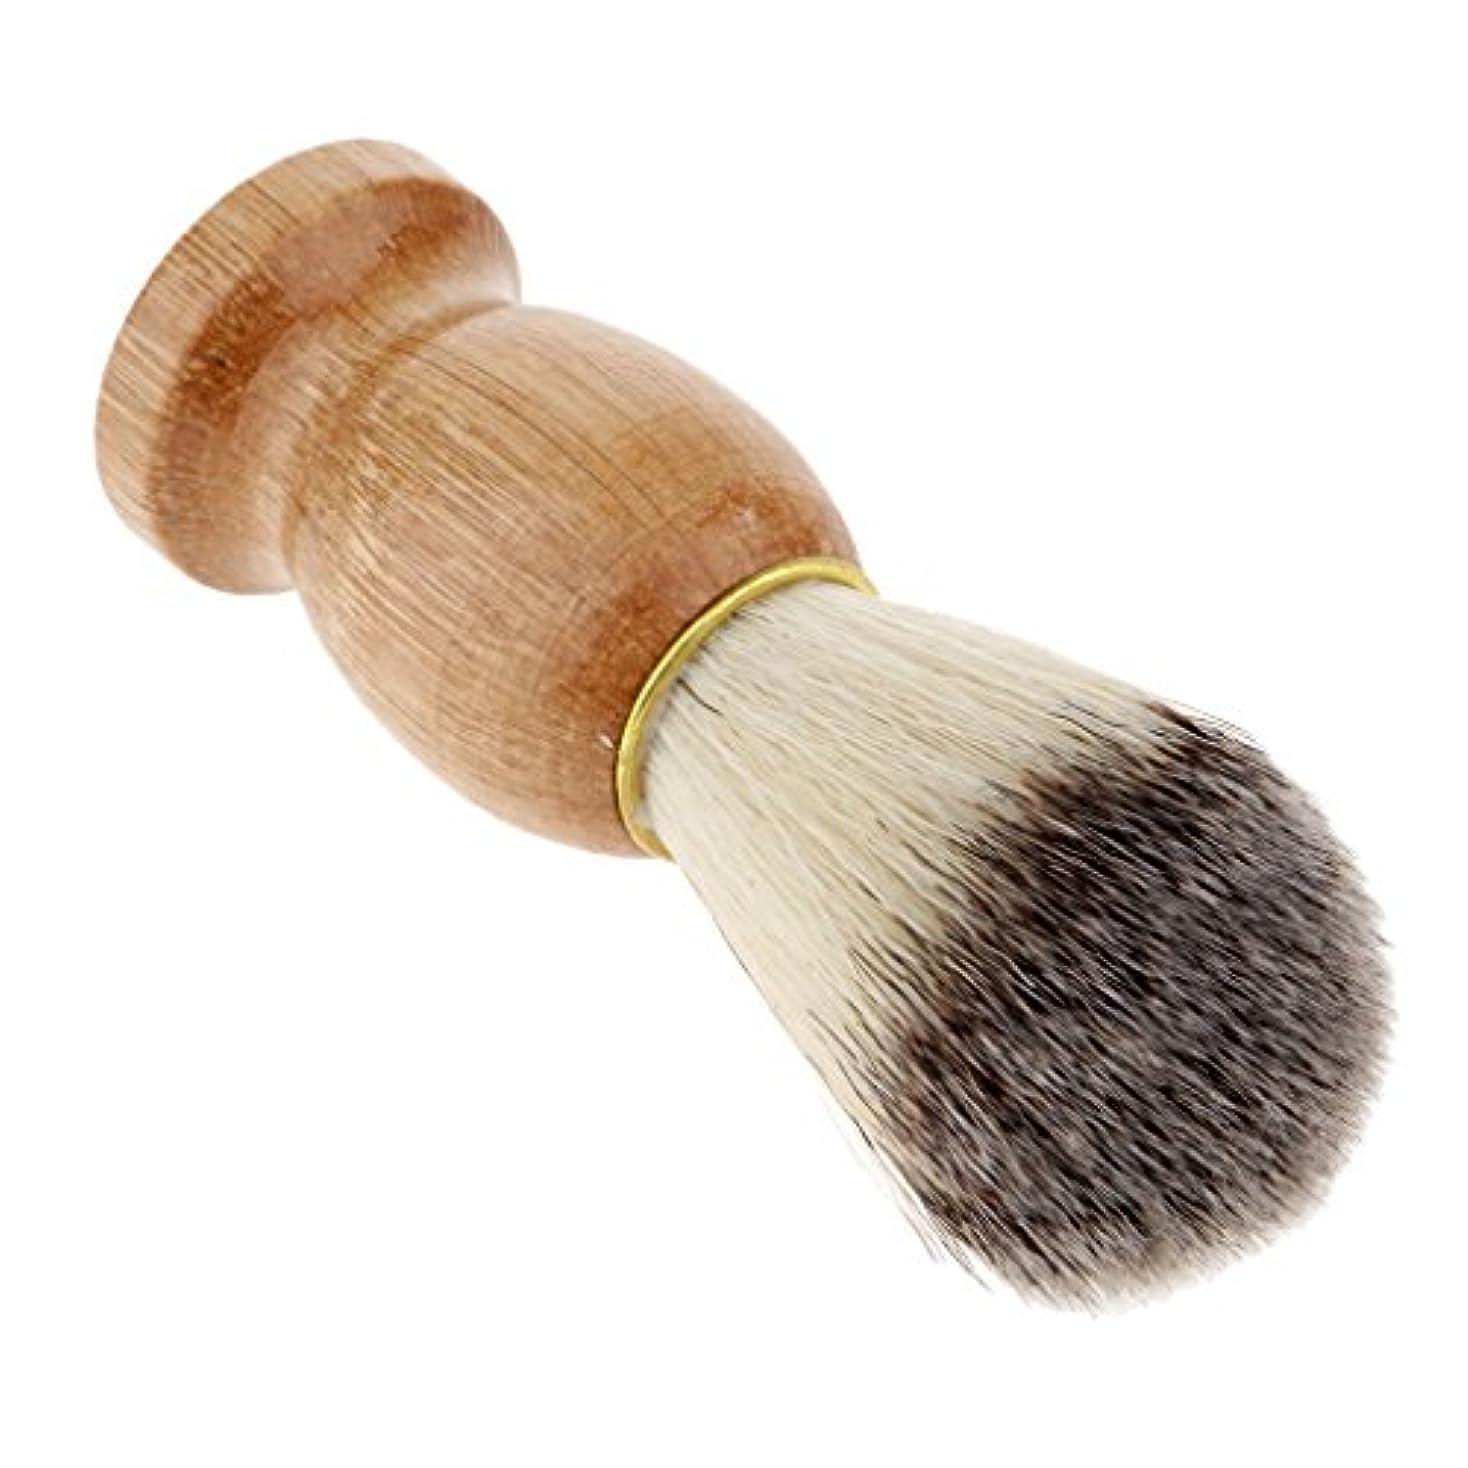 病気カジュアル変装Fenteer シェービングブラシ 木製ハンドル 男性 ひげ剃りブラシ ひげ クレンジング